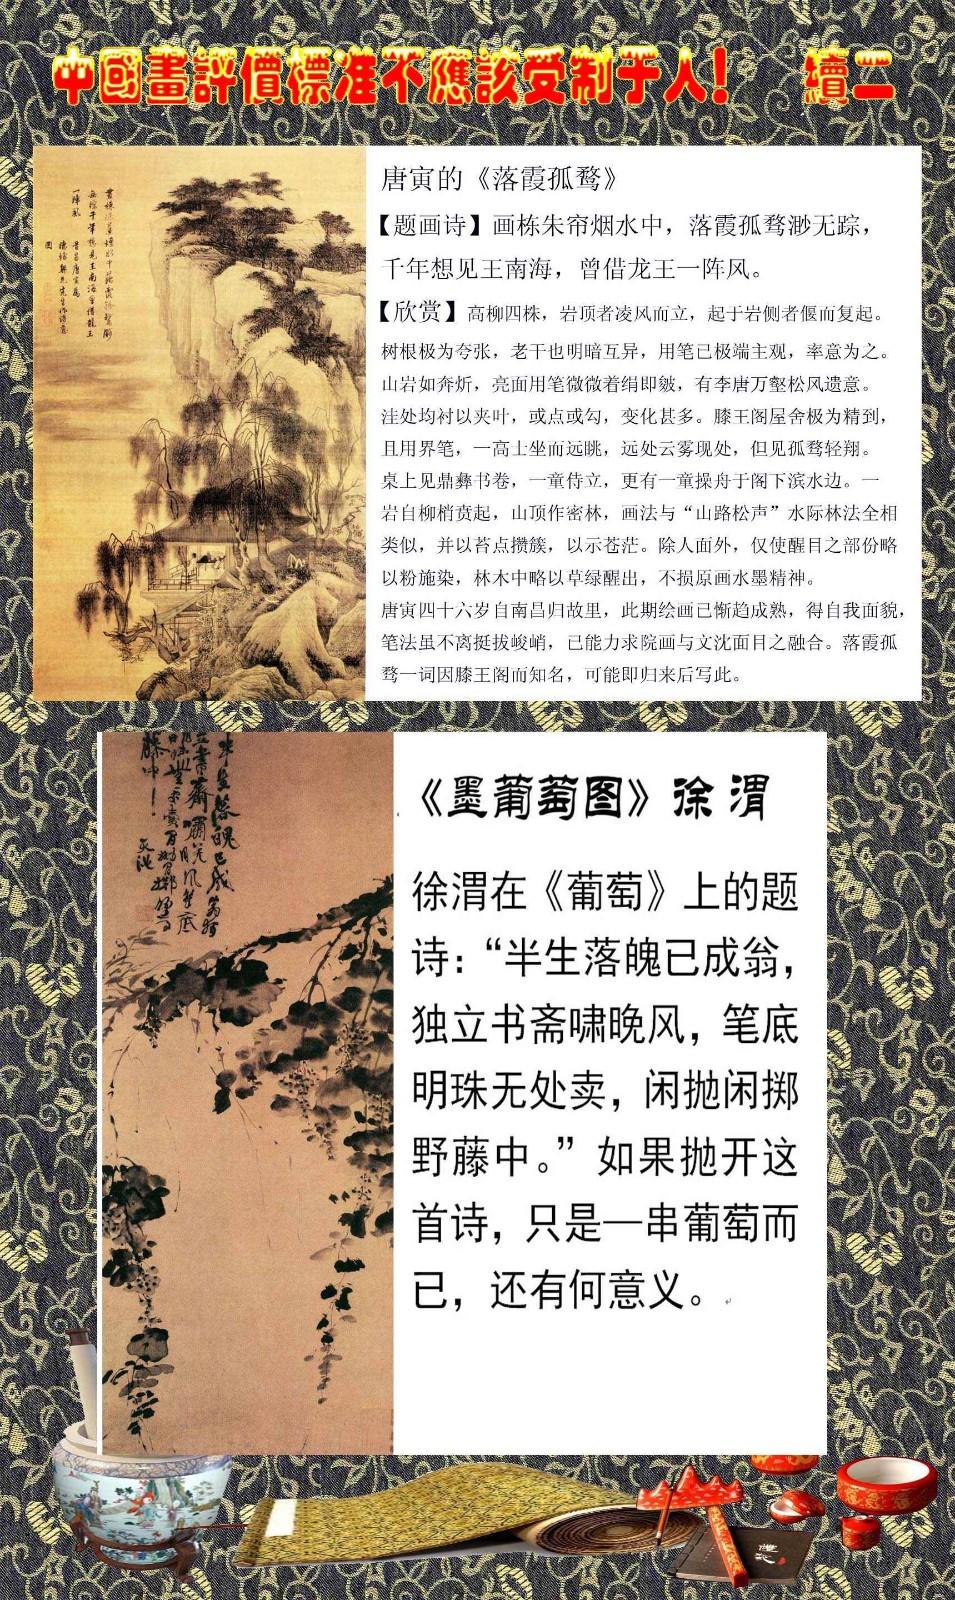 中国画评价标准不应该受制于人!  续二_图1-7